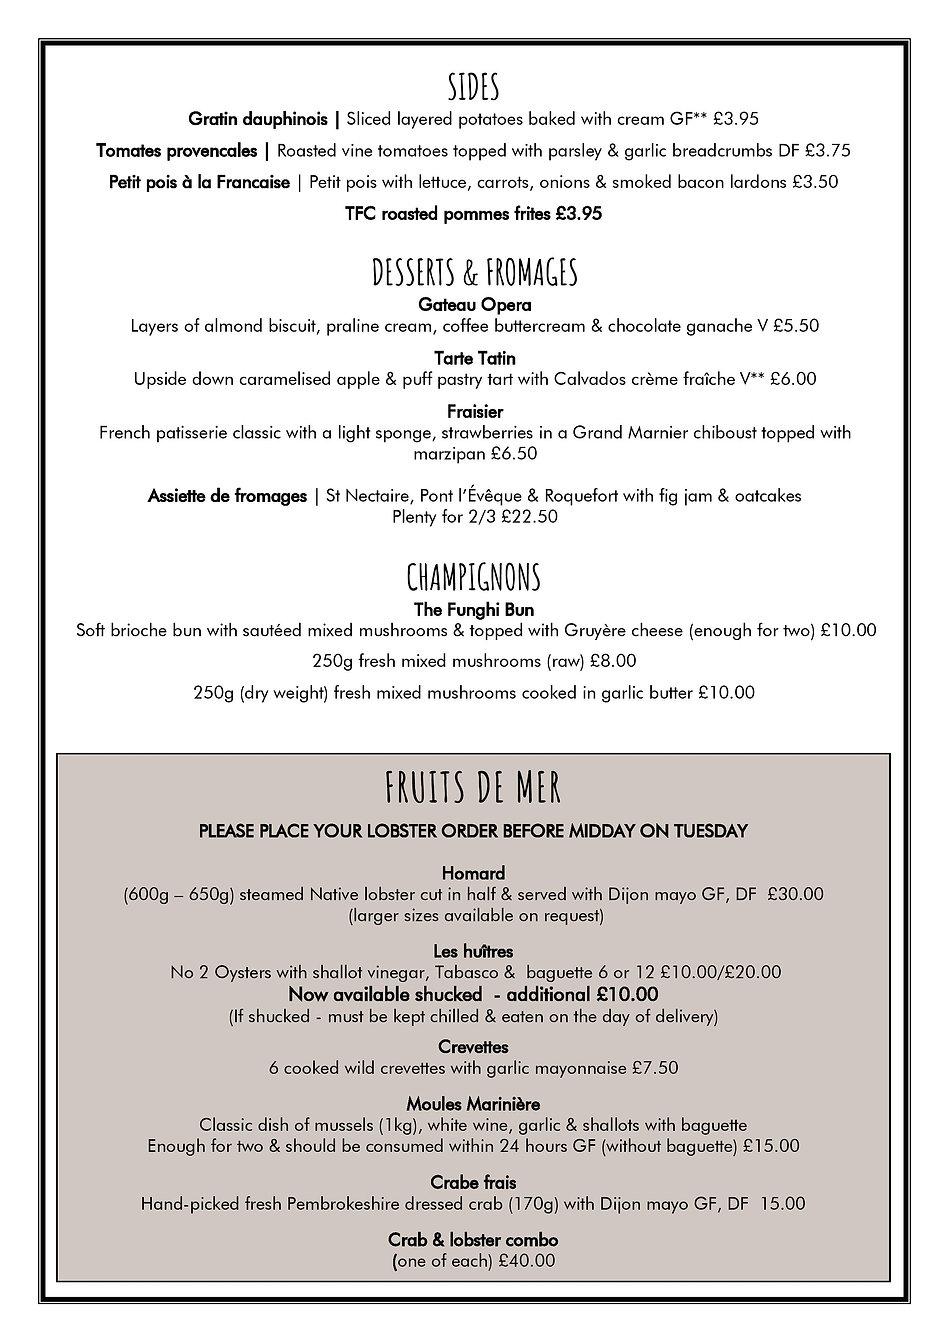 Heat & Eat Menu WC 14.6.21-page-002.jpg